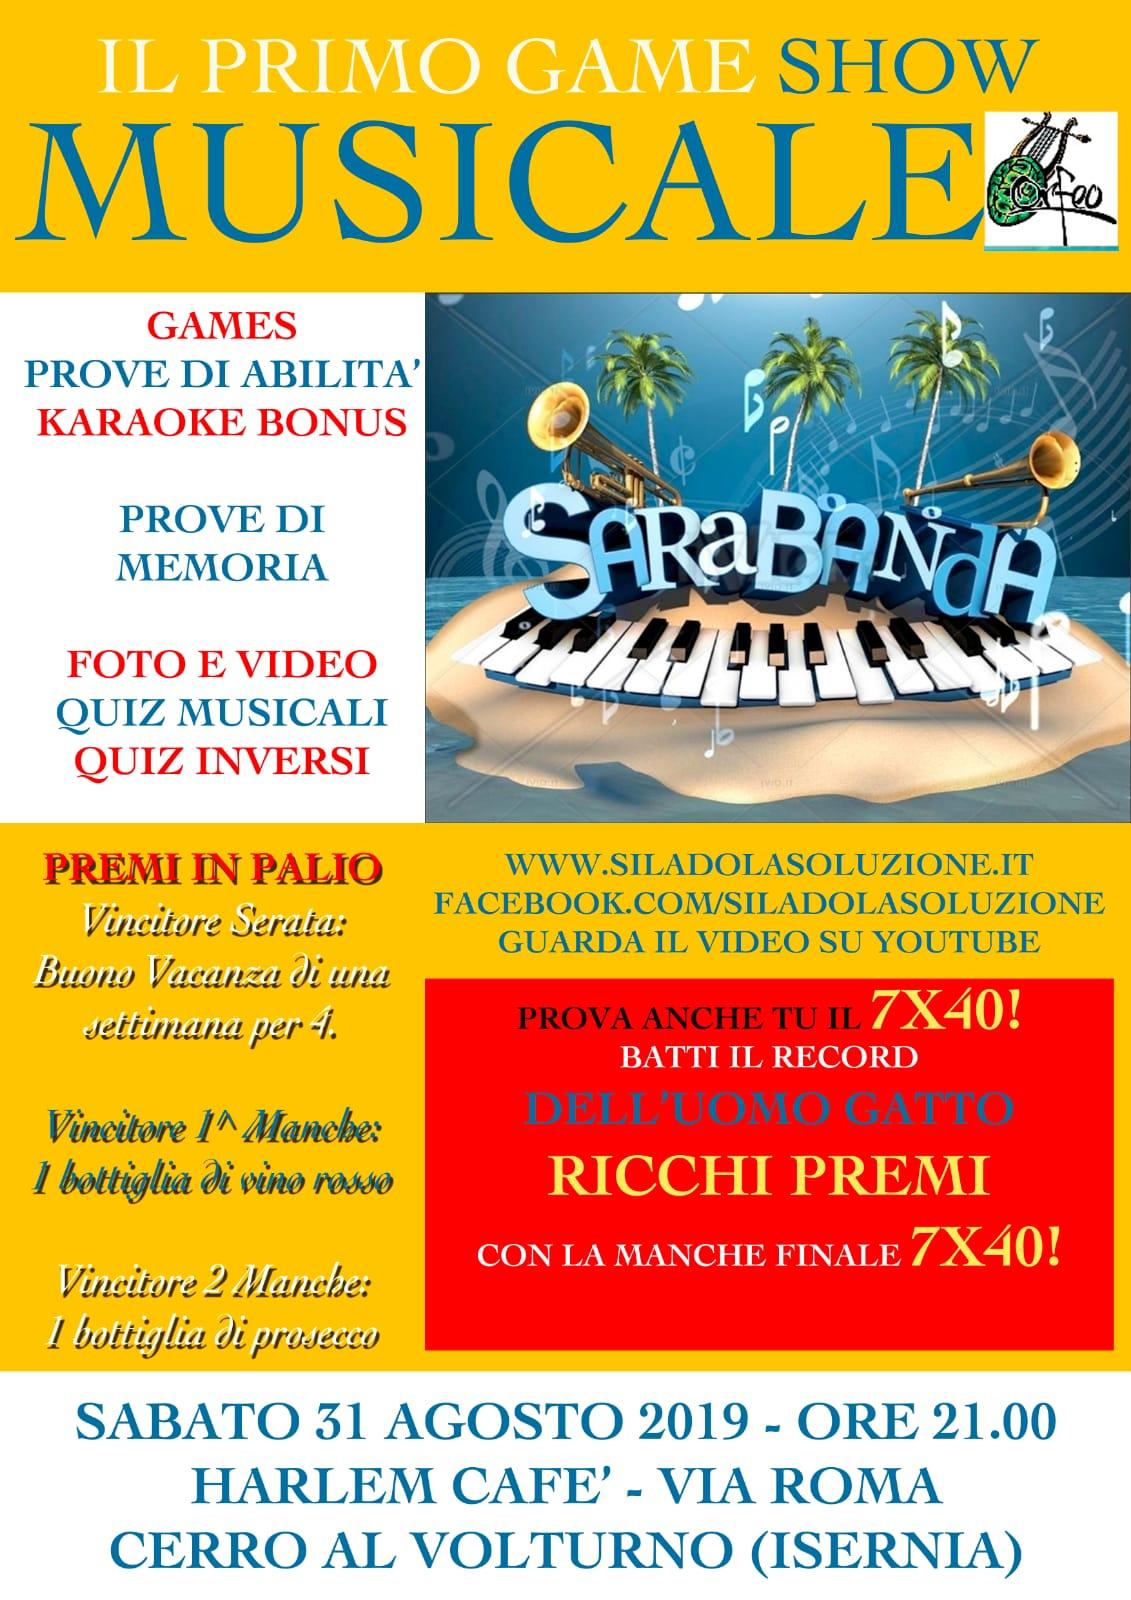 Cerro al Volturno: all'Harlem Cafè di via Roma il primo Game Show Musicale. Appuntamento a sabato 31 agosto.